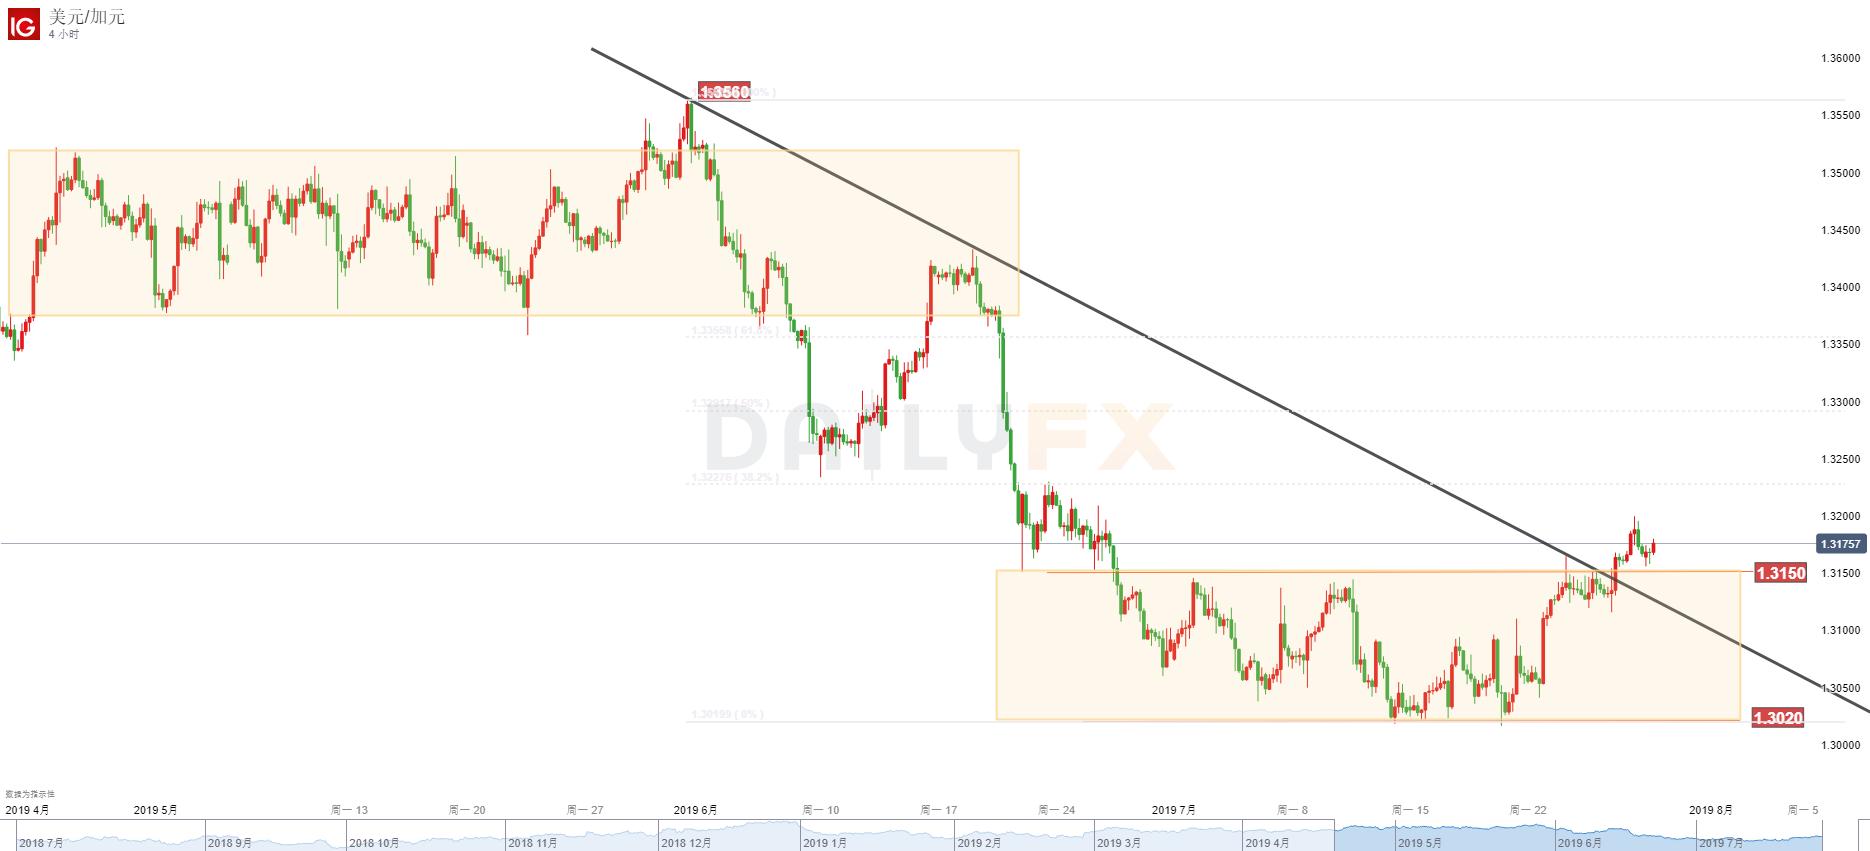 美元/加元:美元基本面转强,有机会迎来更大反弹